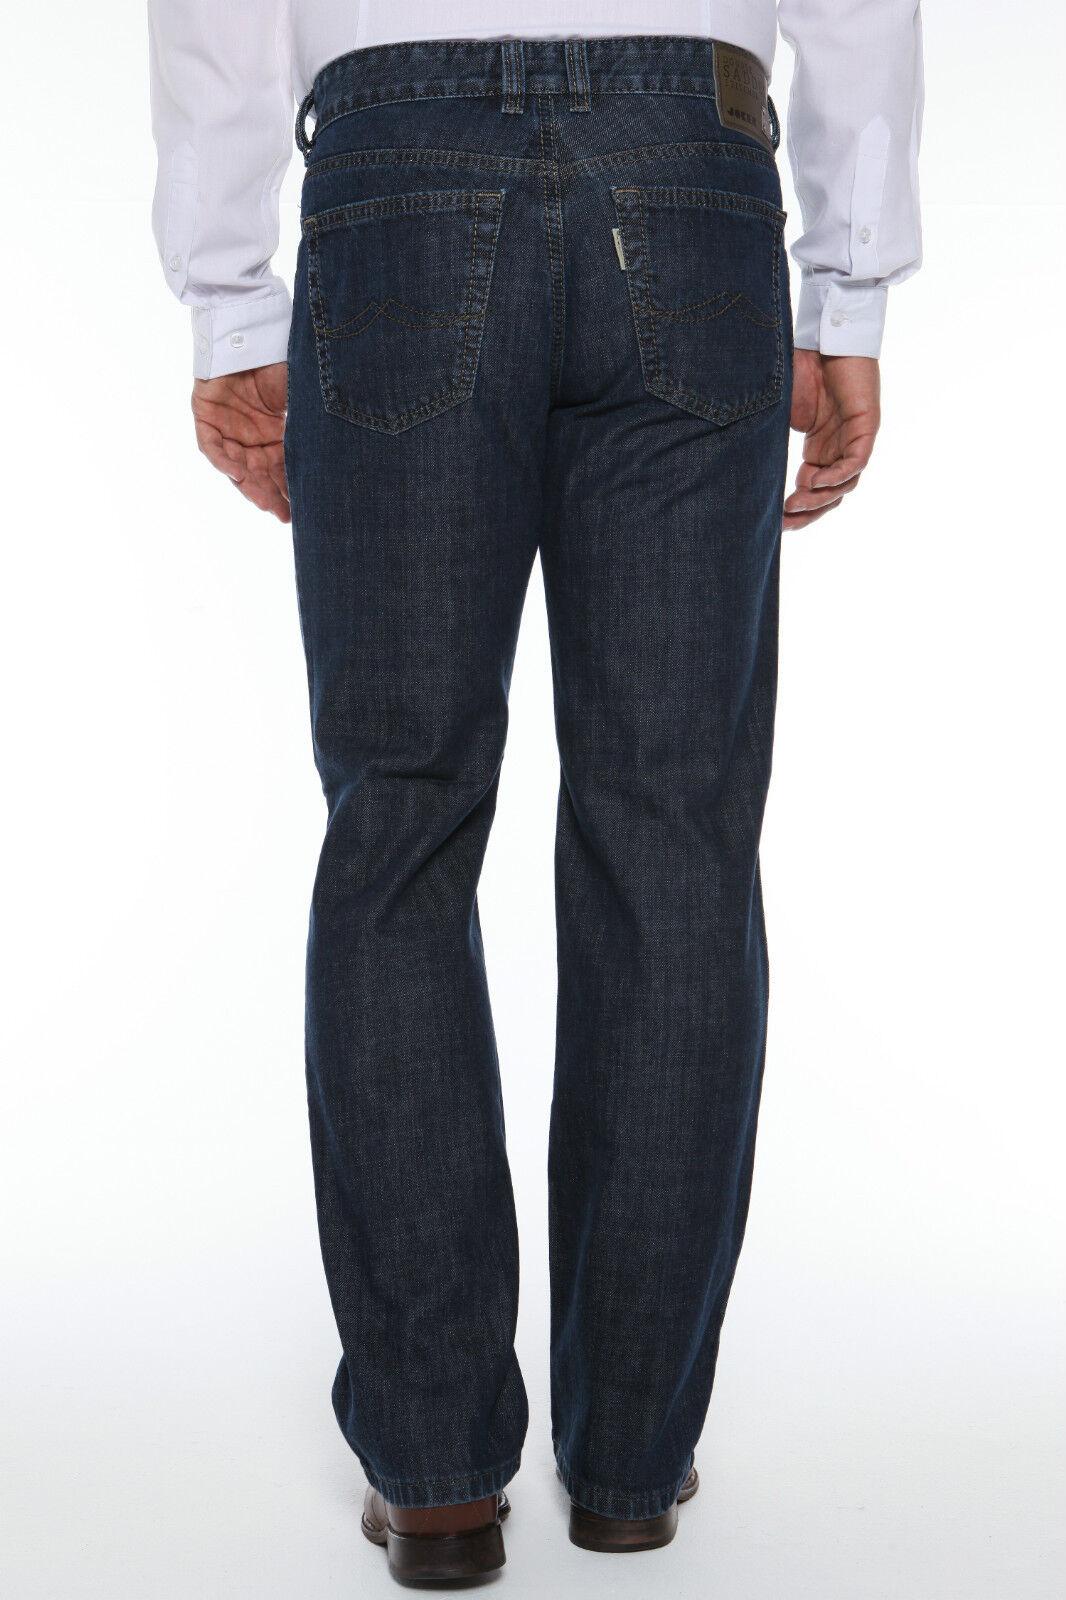 JOKER Jeans Clark blu scuro slavati 2242 25 aus 13 13 13 oz. us-denim 13e7ec